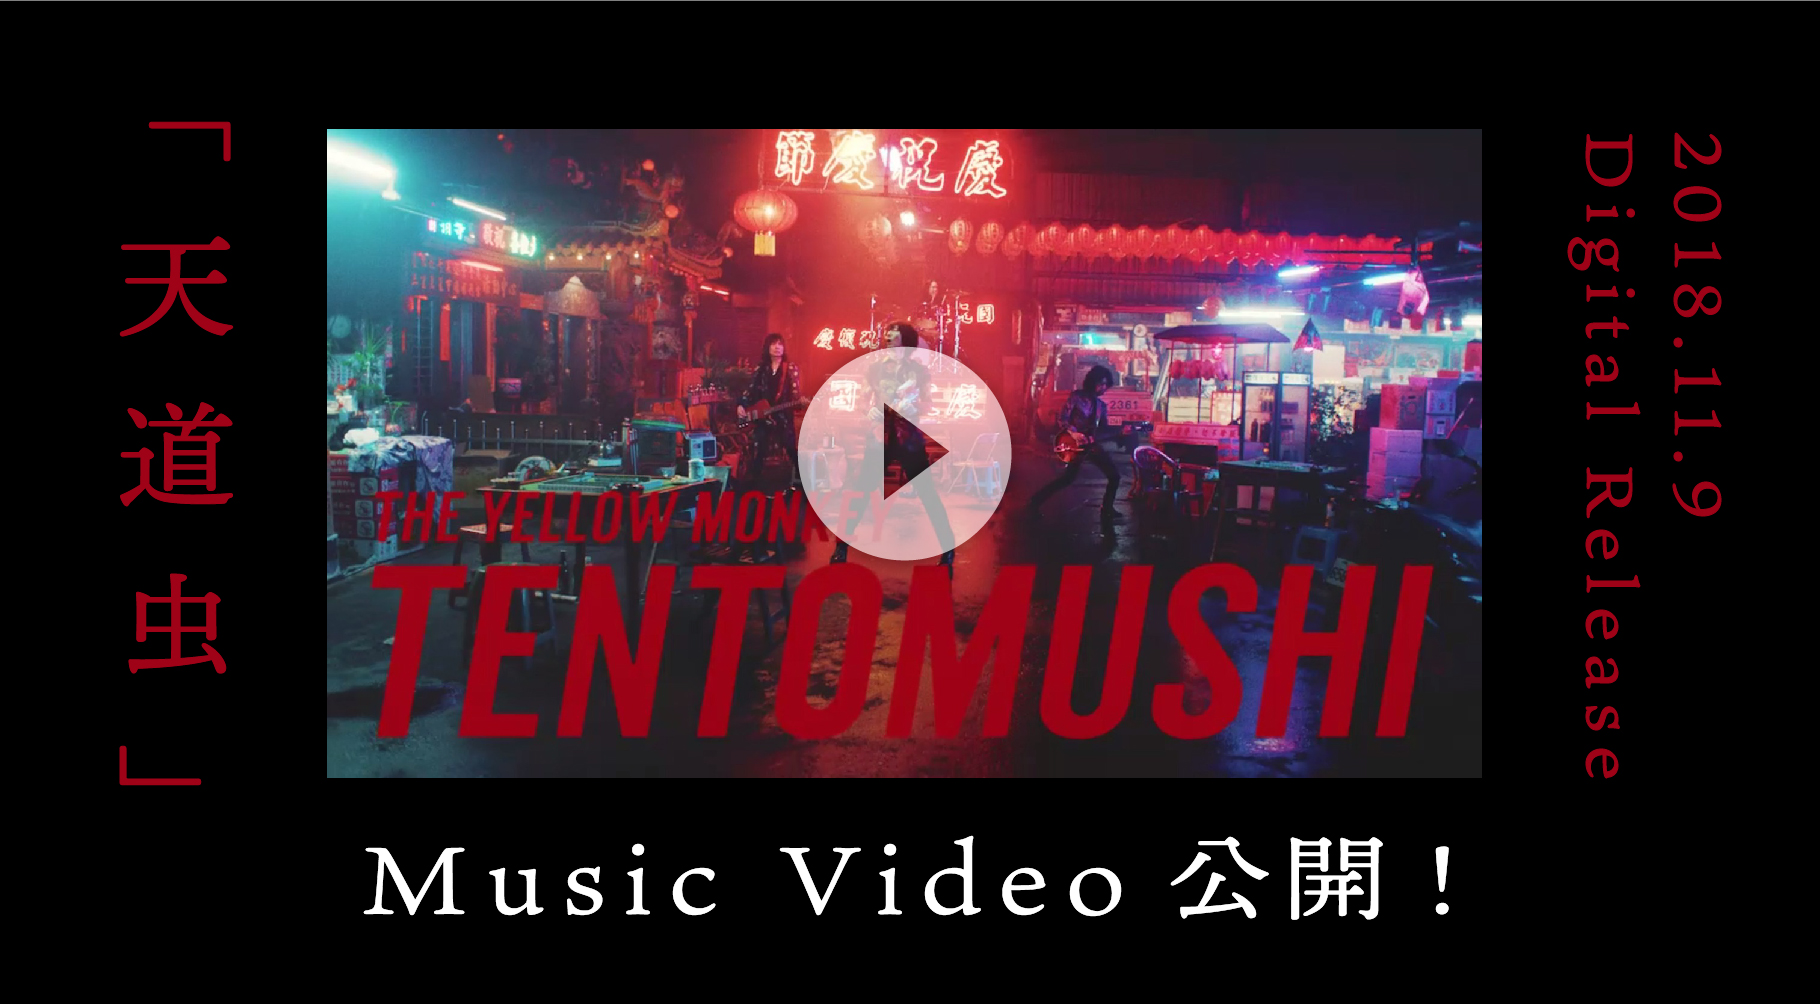 「天道虫」Music Video公開!